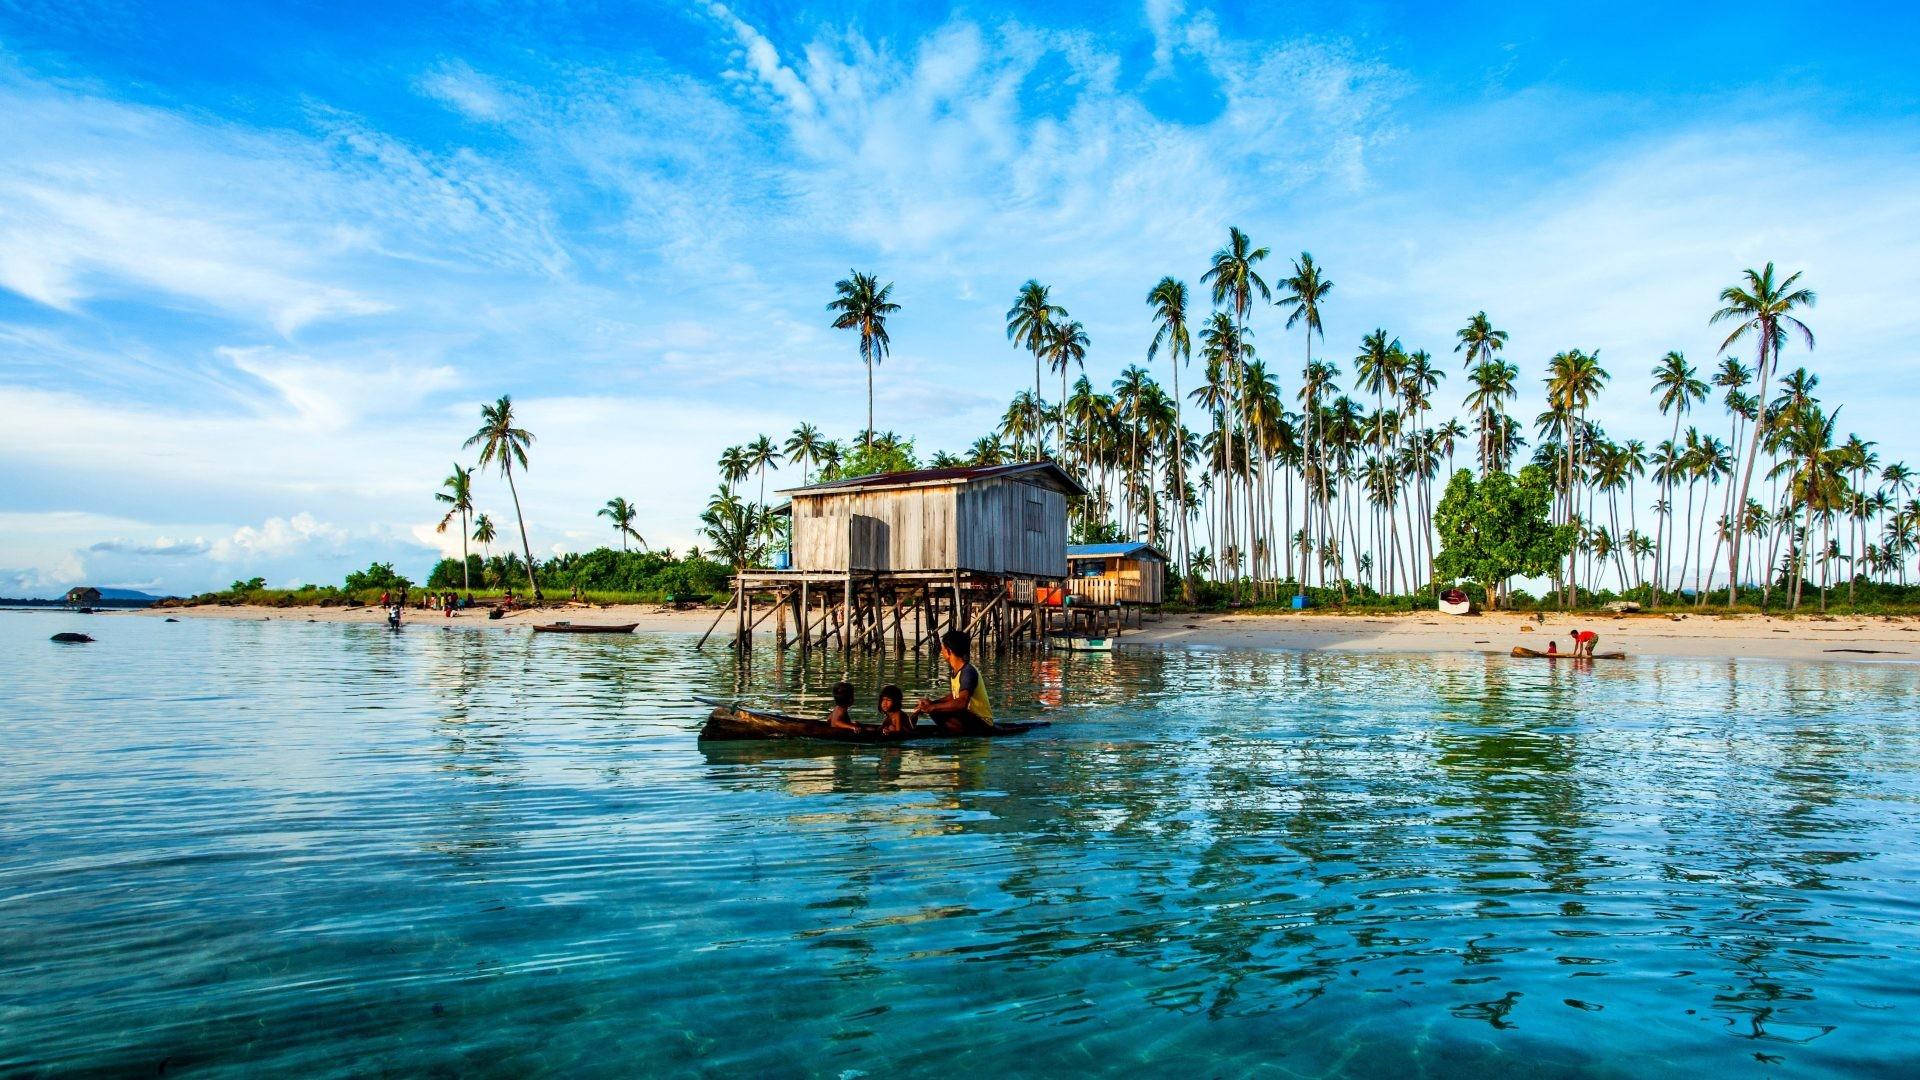 Beaches – Tropics Palma Maiga Malaysia Coast Nature Island Background  Pictures for HD 16:9